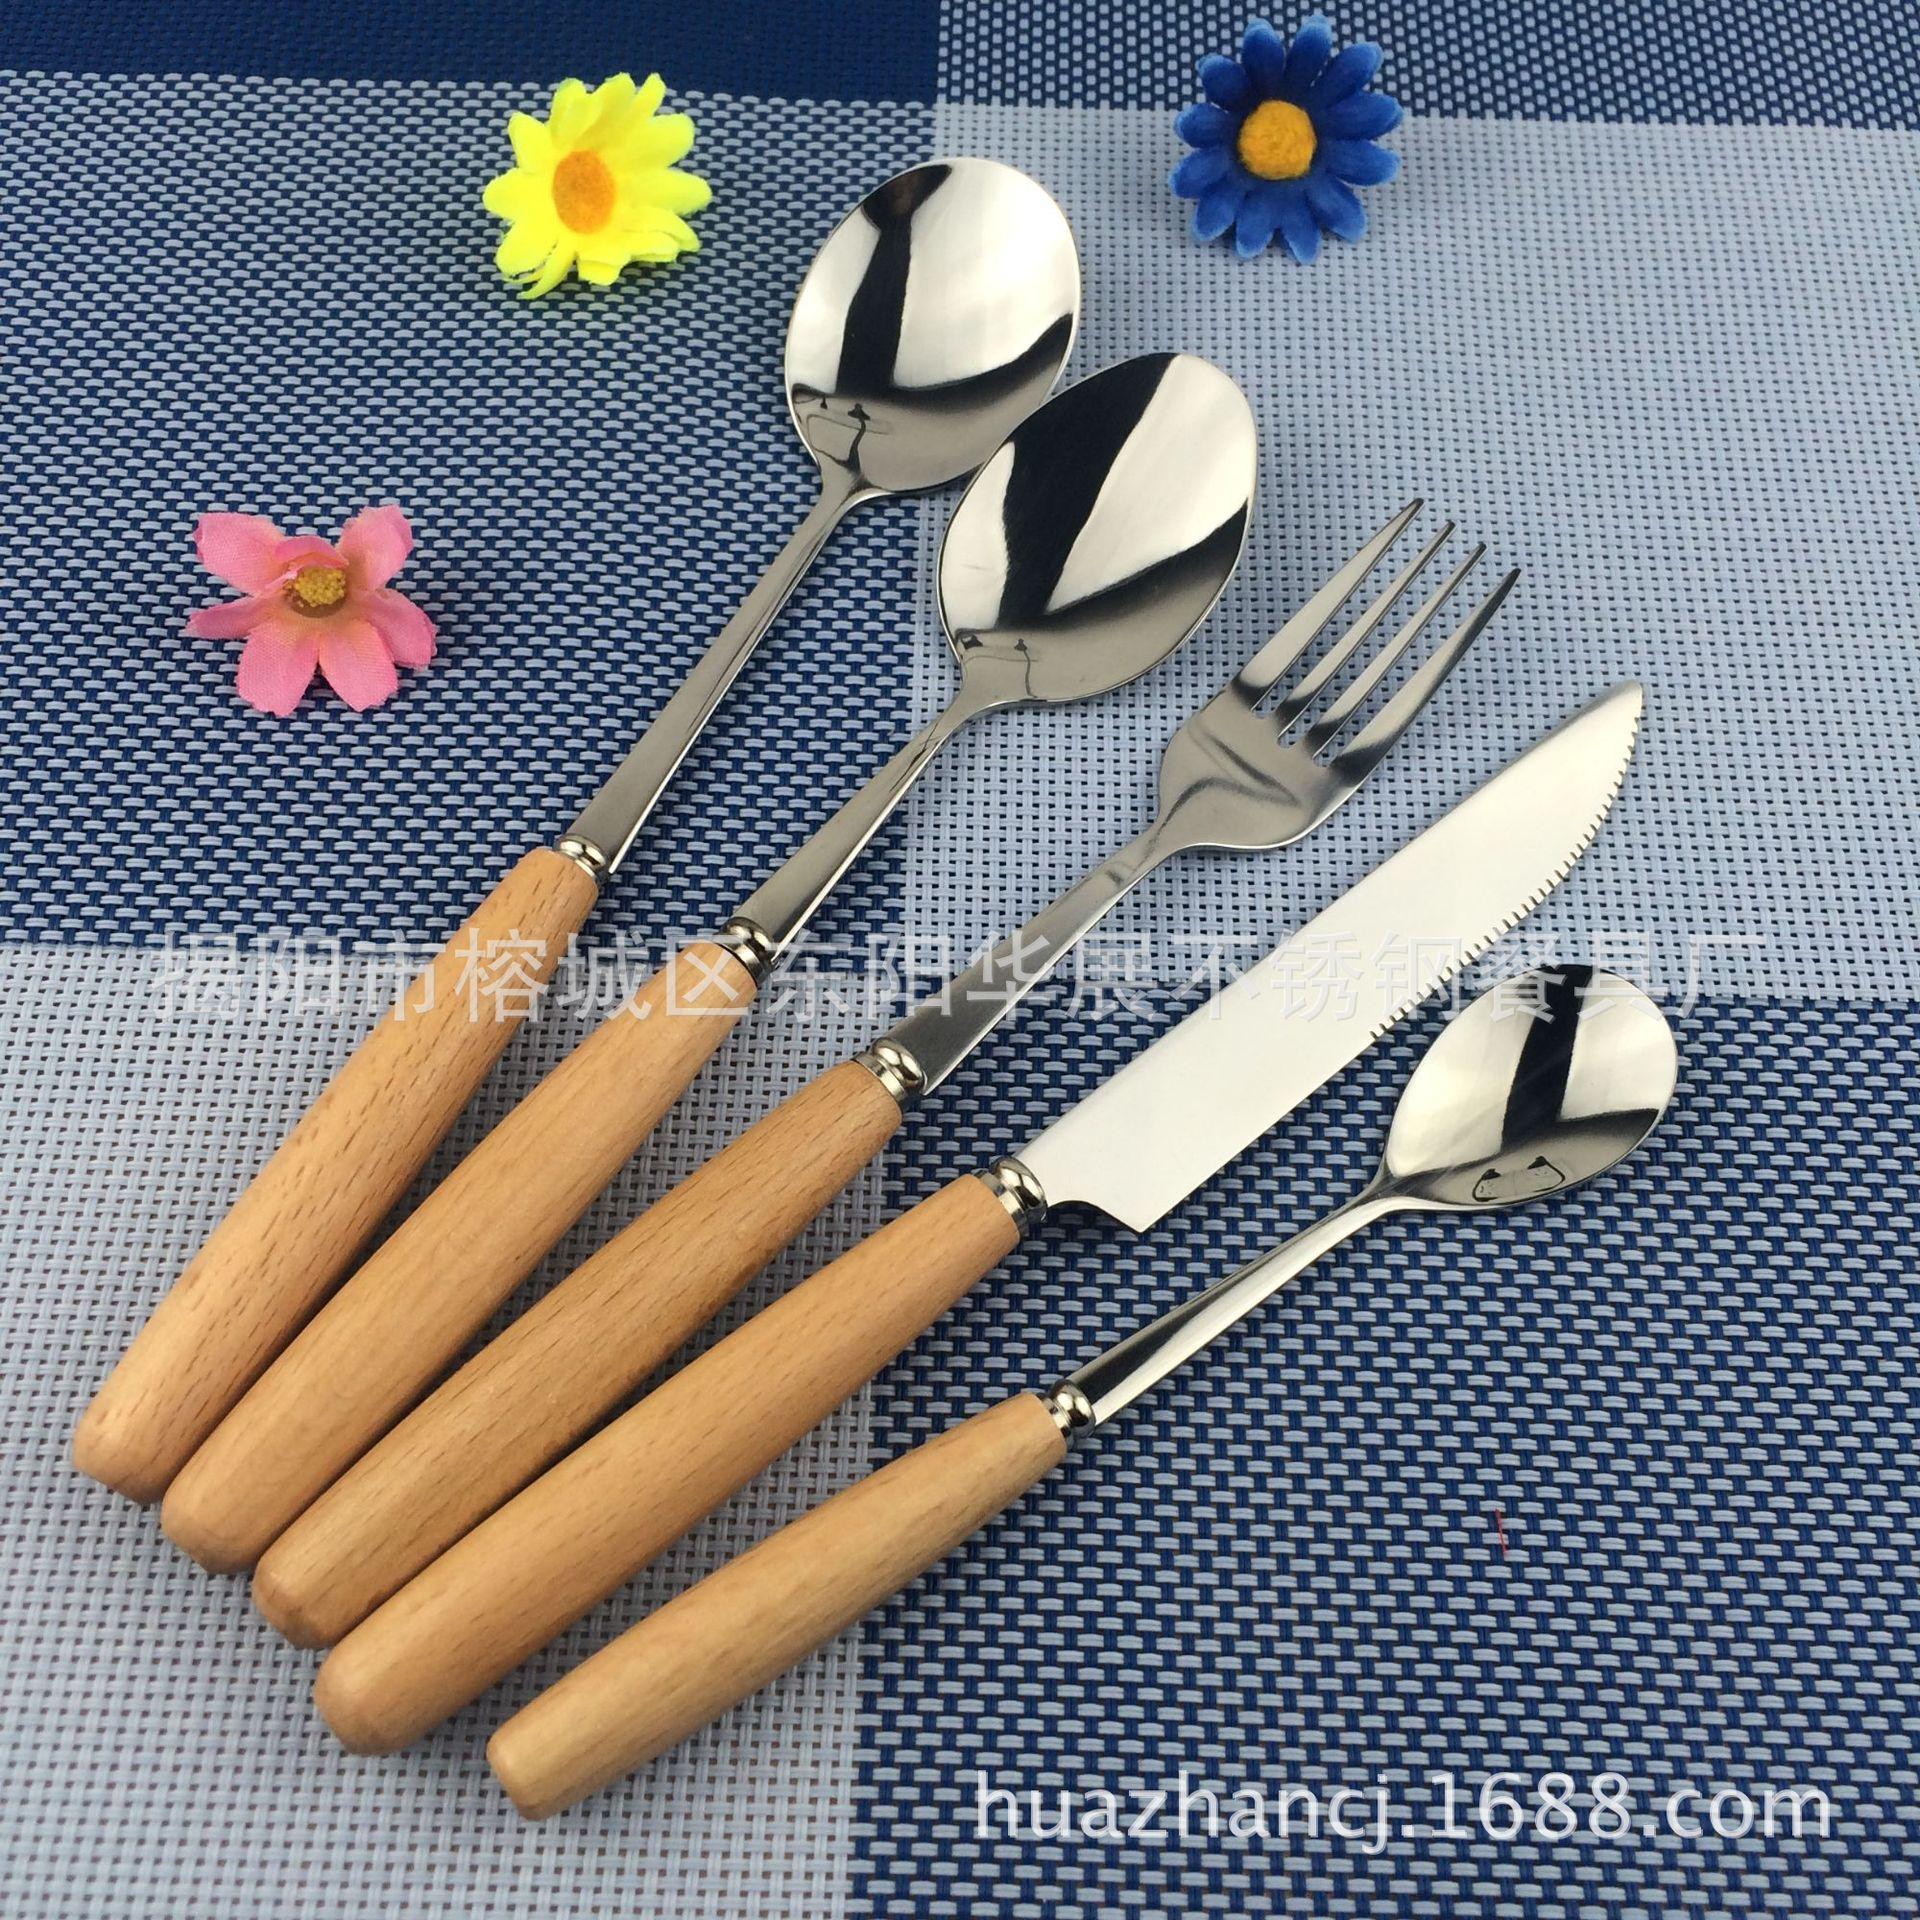 供應圣誕節勺叉刀子筷子餐具不銹鋼木柄勺叉組合禮品套裝餐具批發